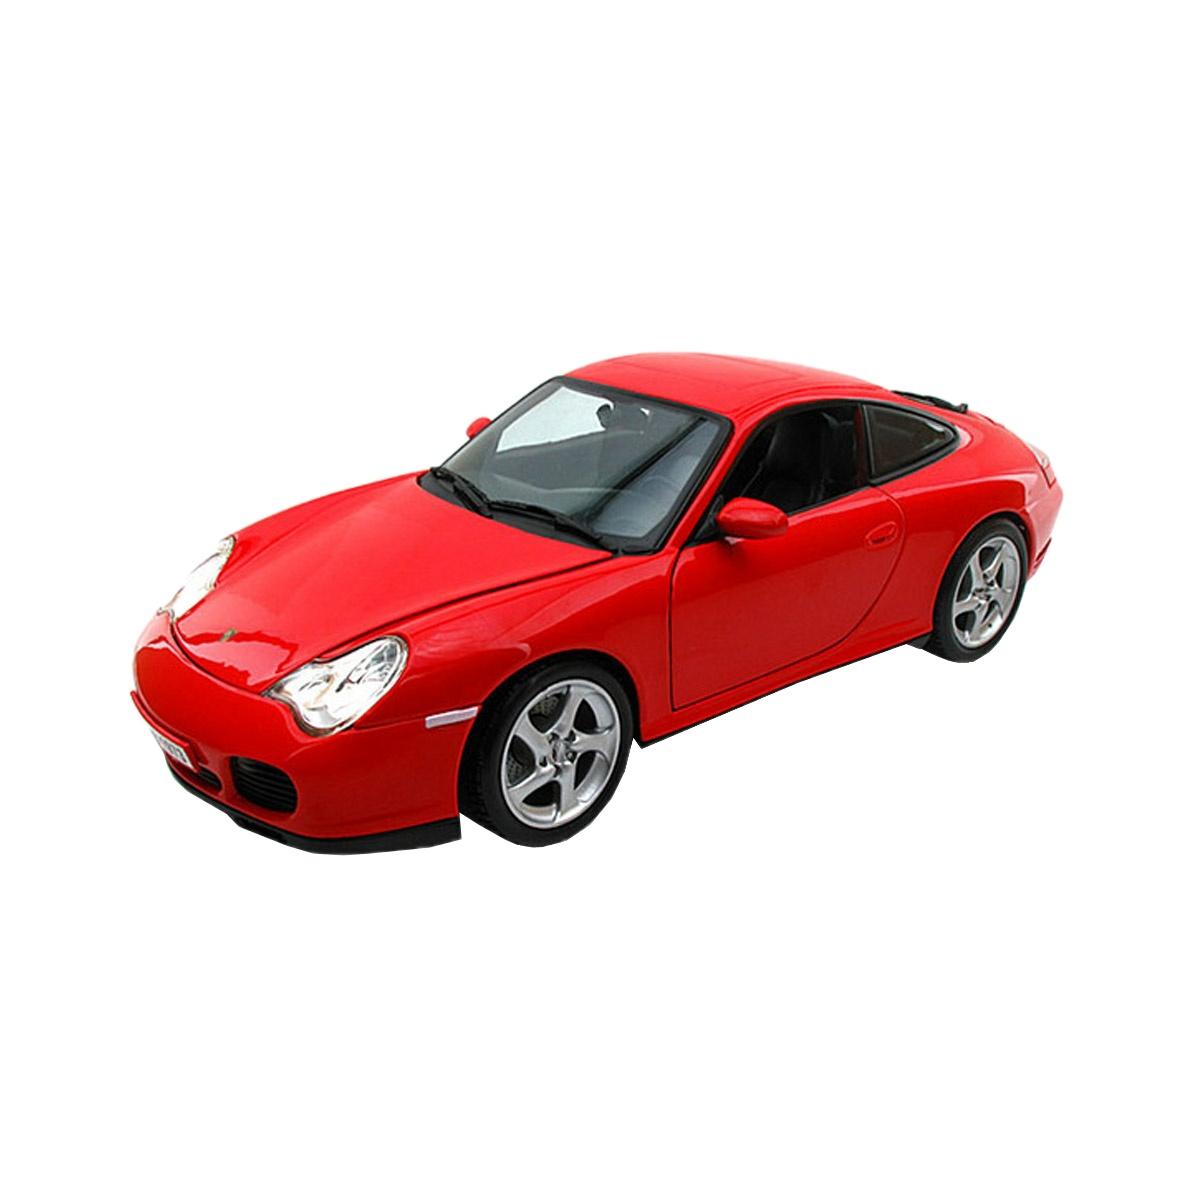 ماشین بازی مایستو مدل مدل porche carrera کد 31628